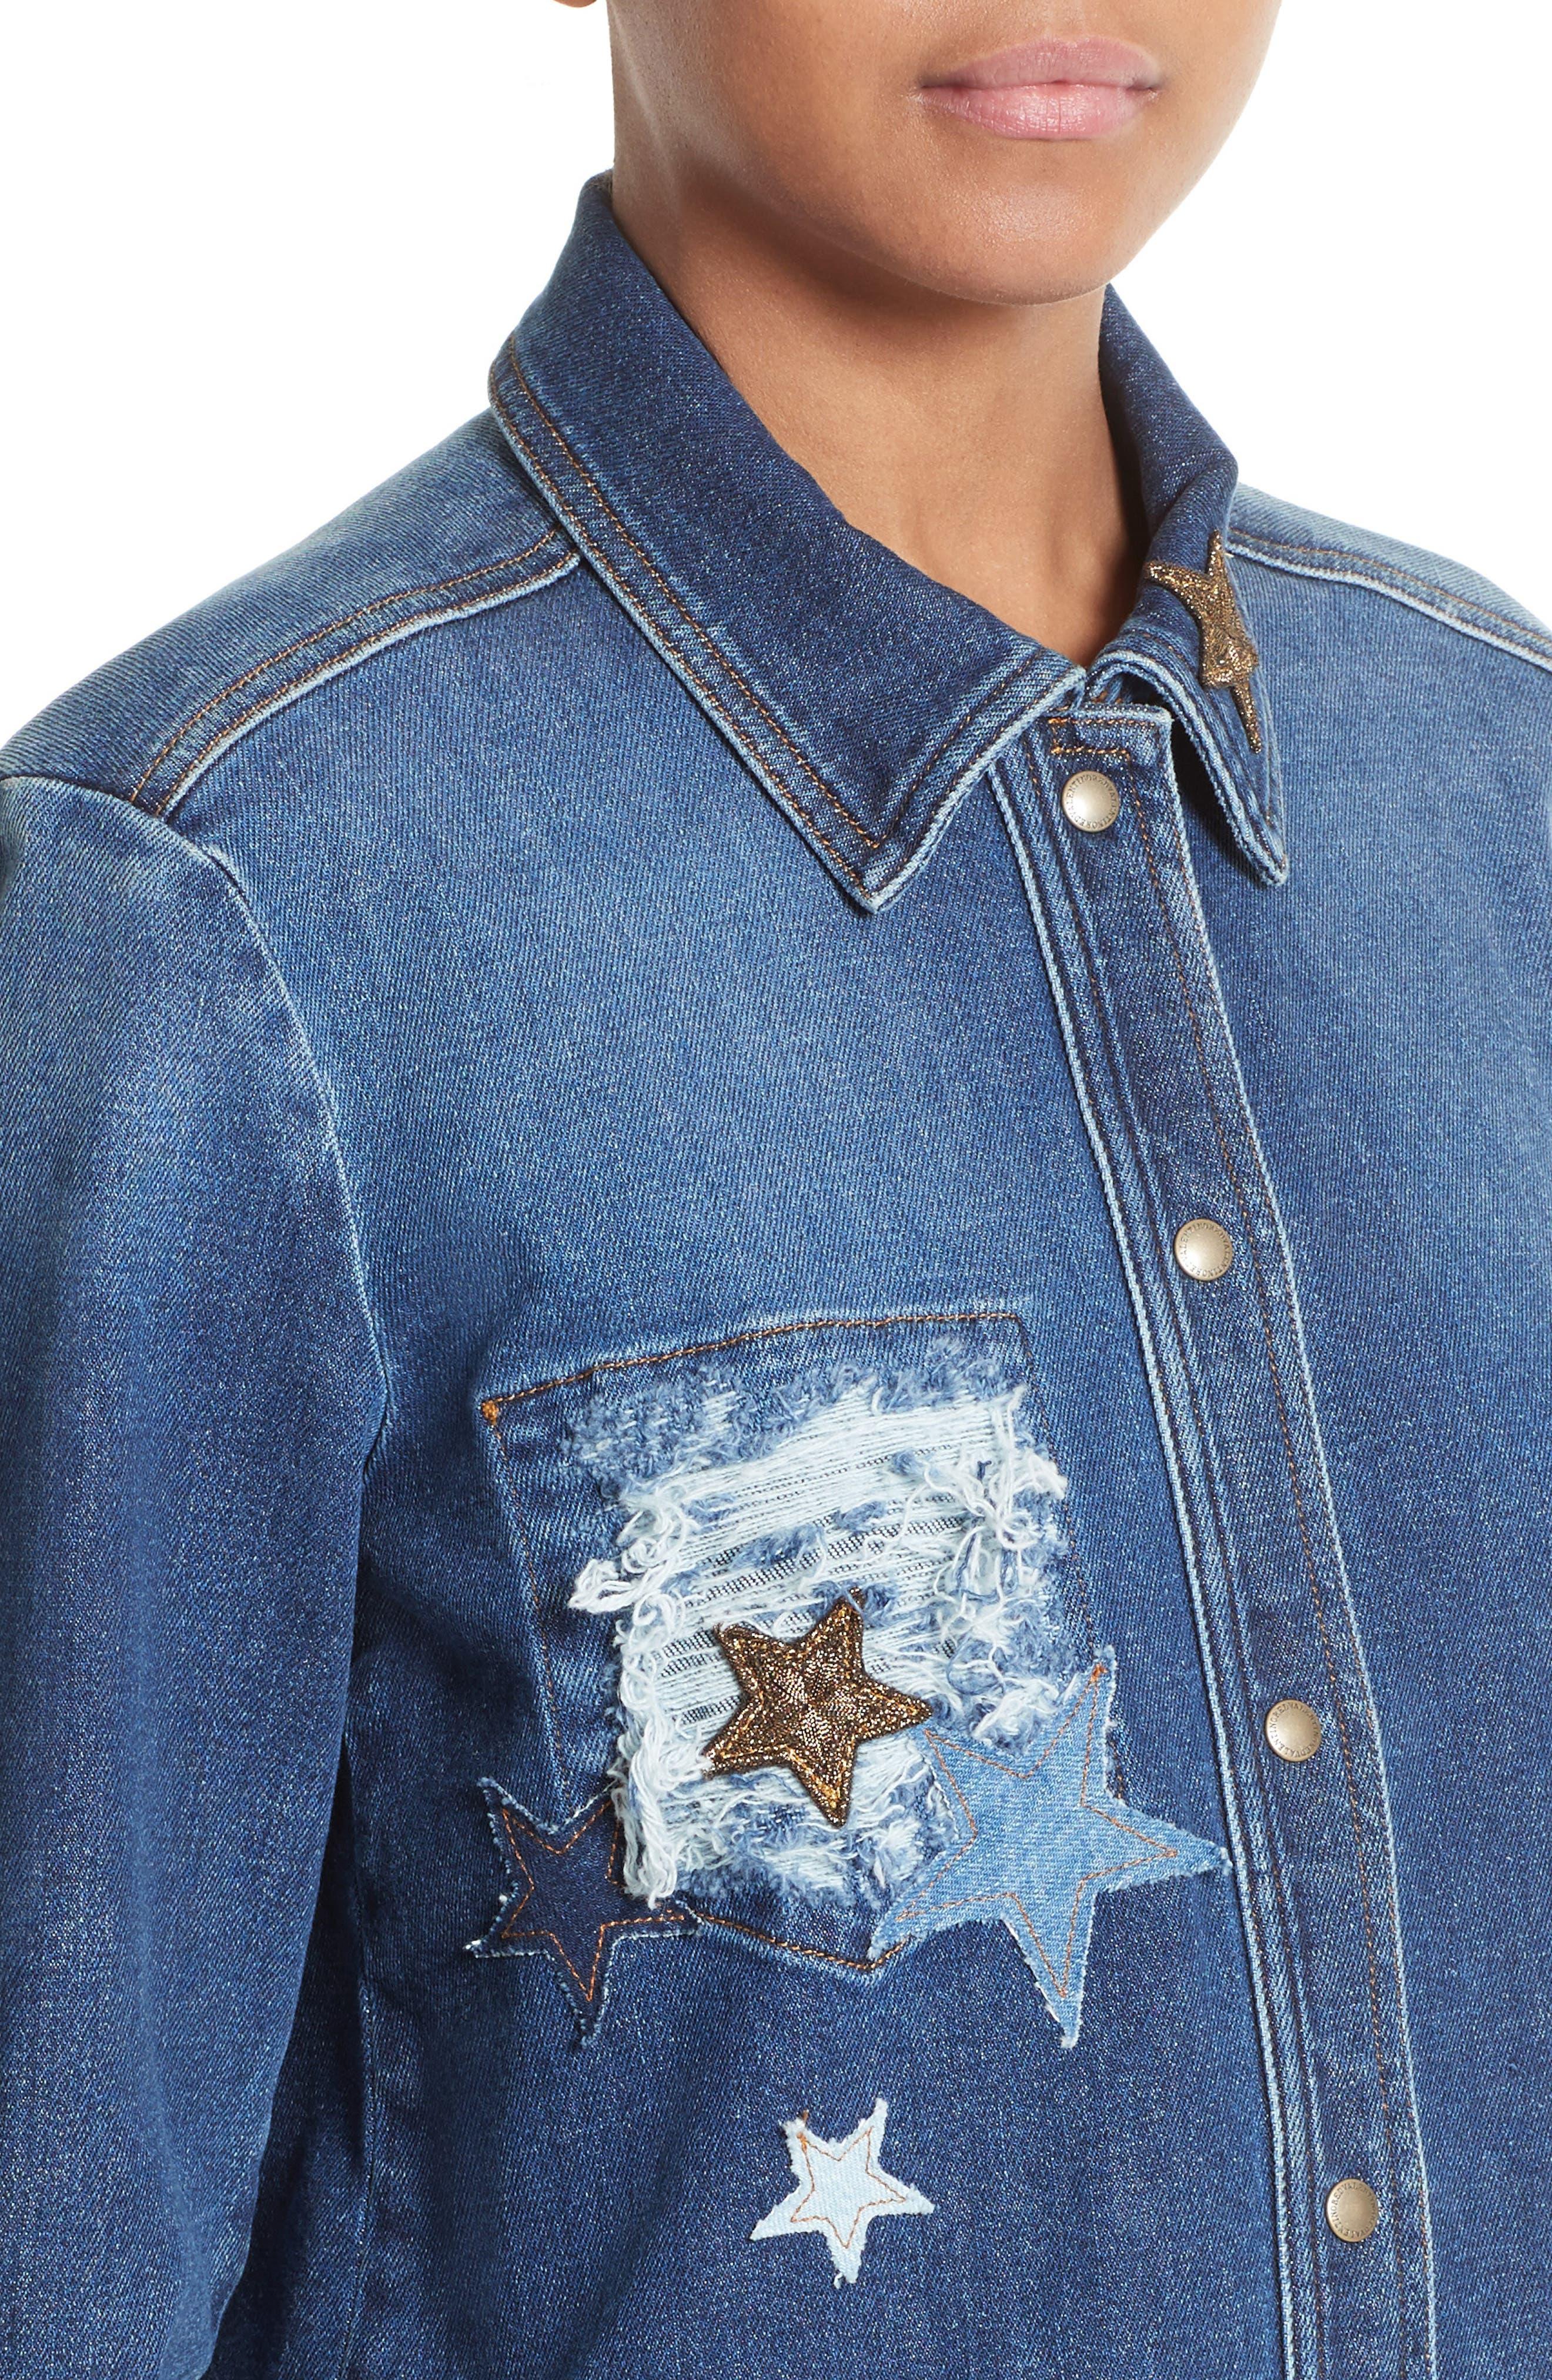 Stone Washed Denim Jacket,                             Alternate thumbnail 4, color,                             408